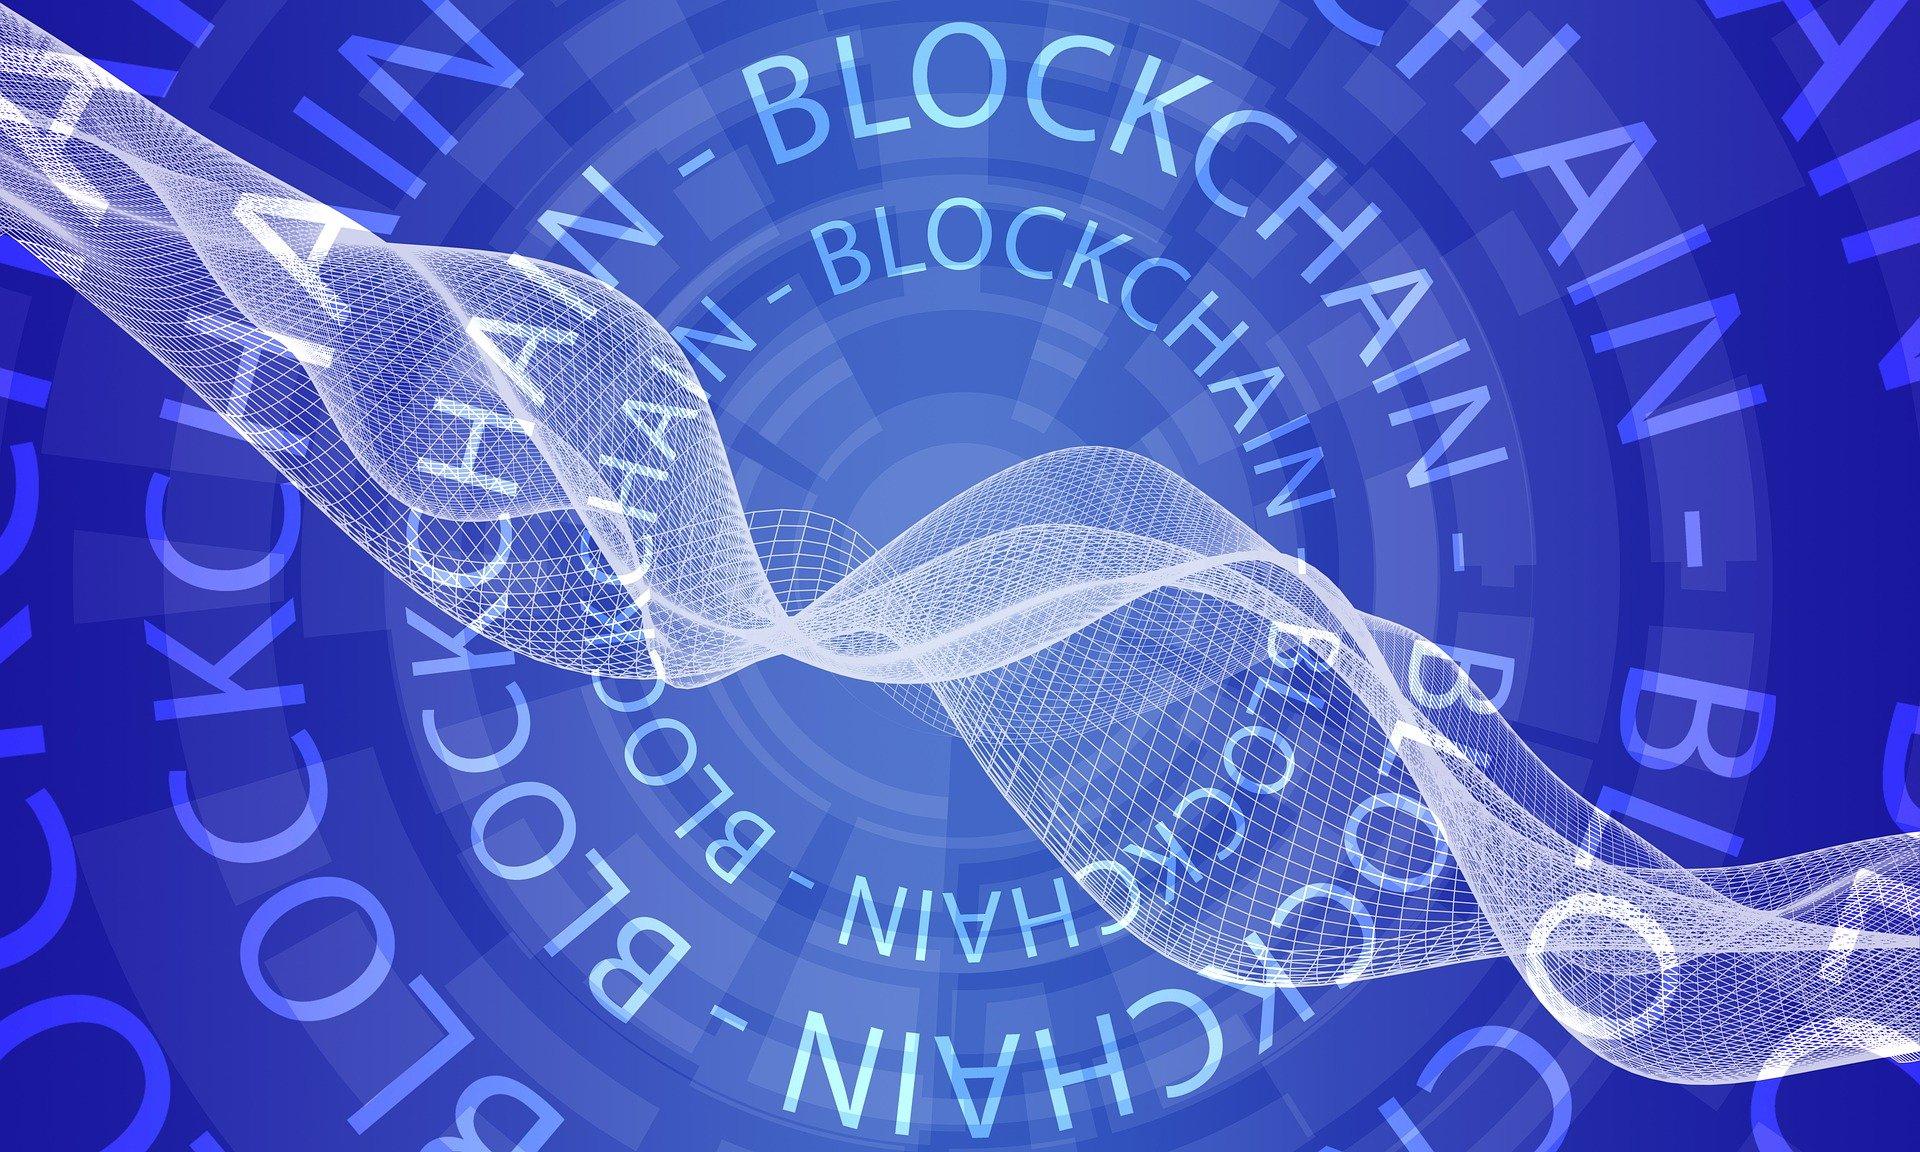 REIT Development acquires land to build first blockchain metals refinery